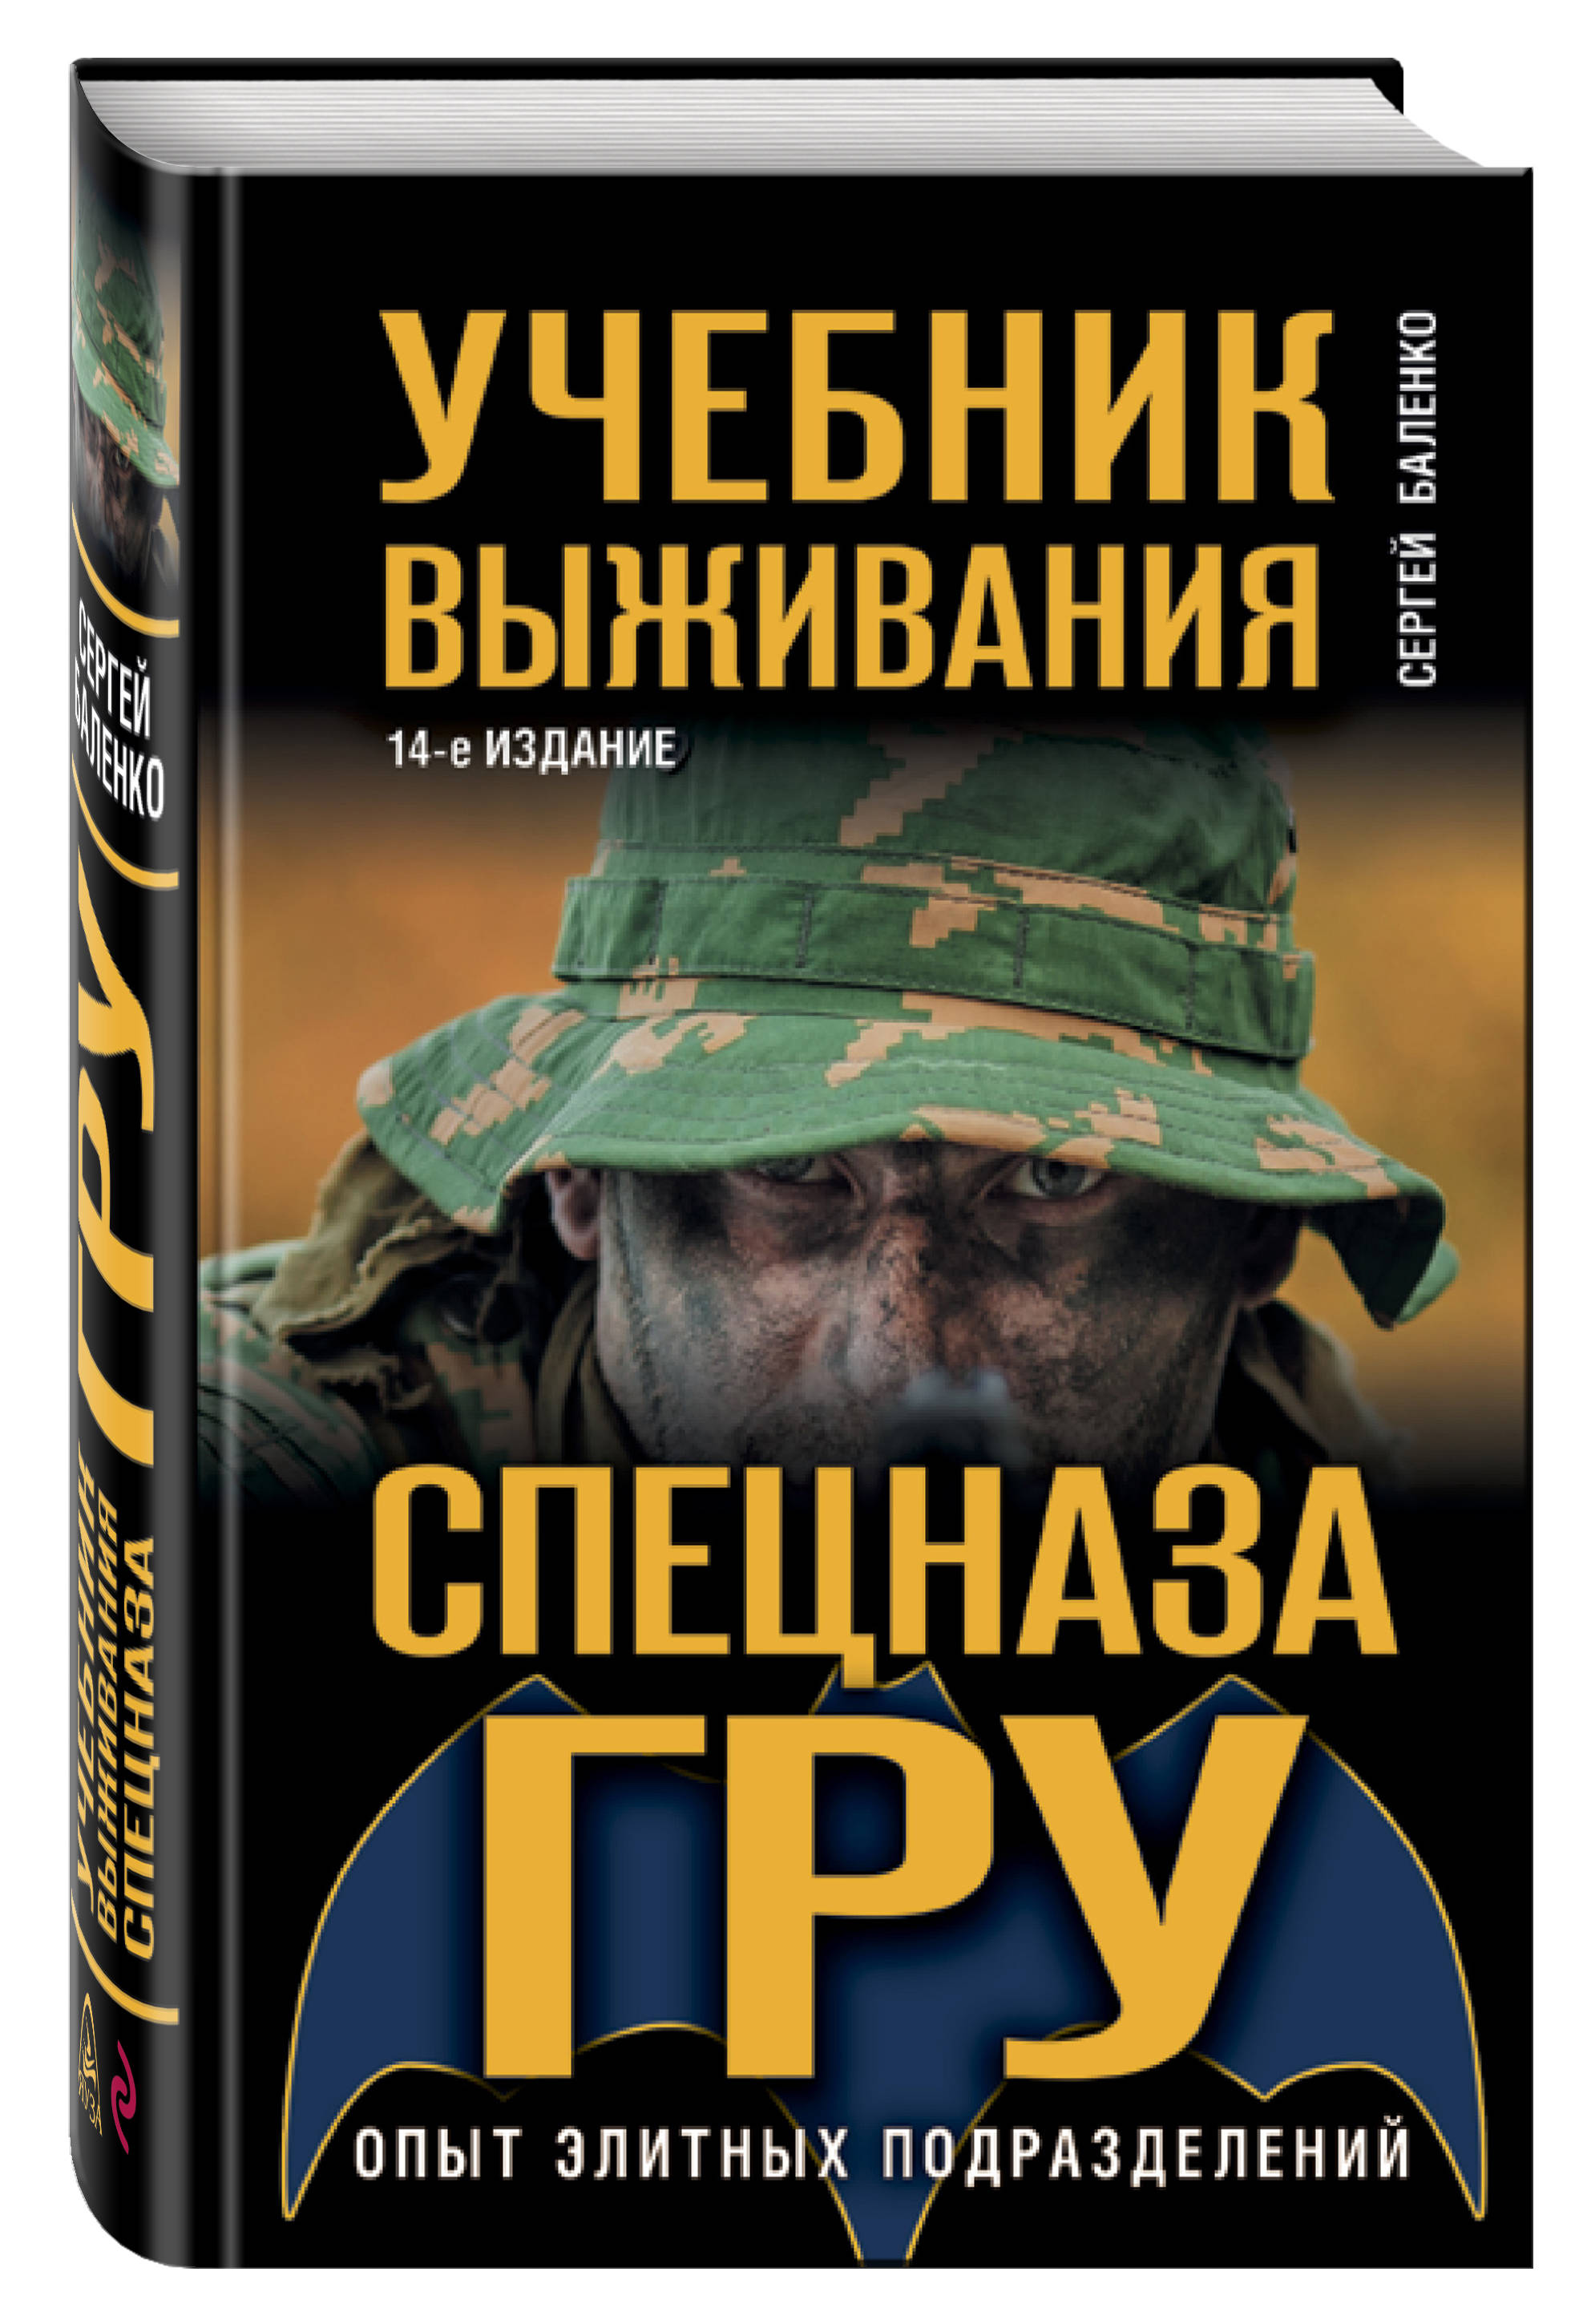 Учебник выживания спецназа ГРУ. Опыт элитных подразделений от book24.ru